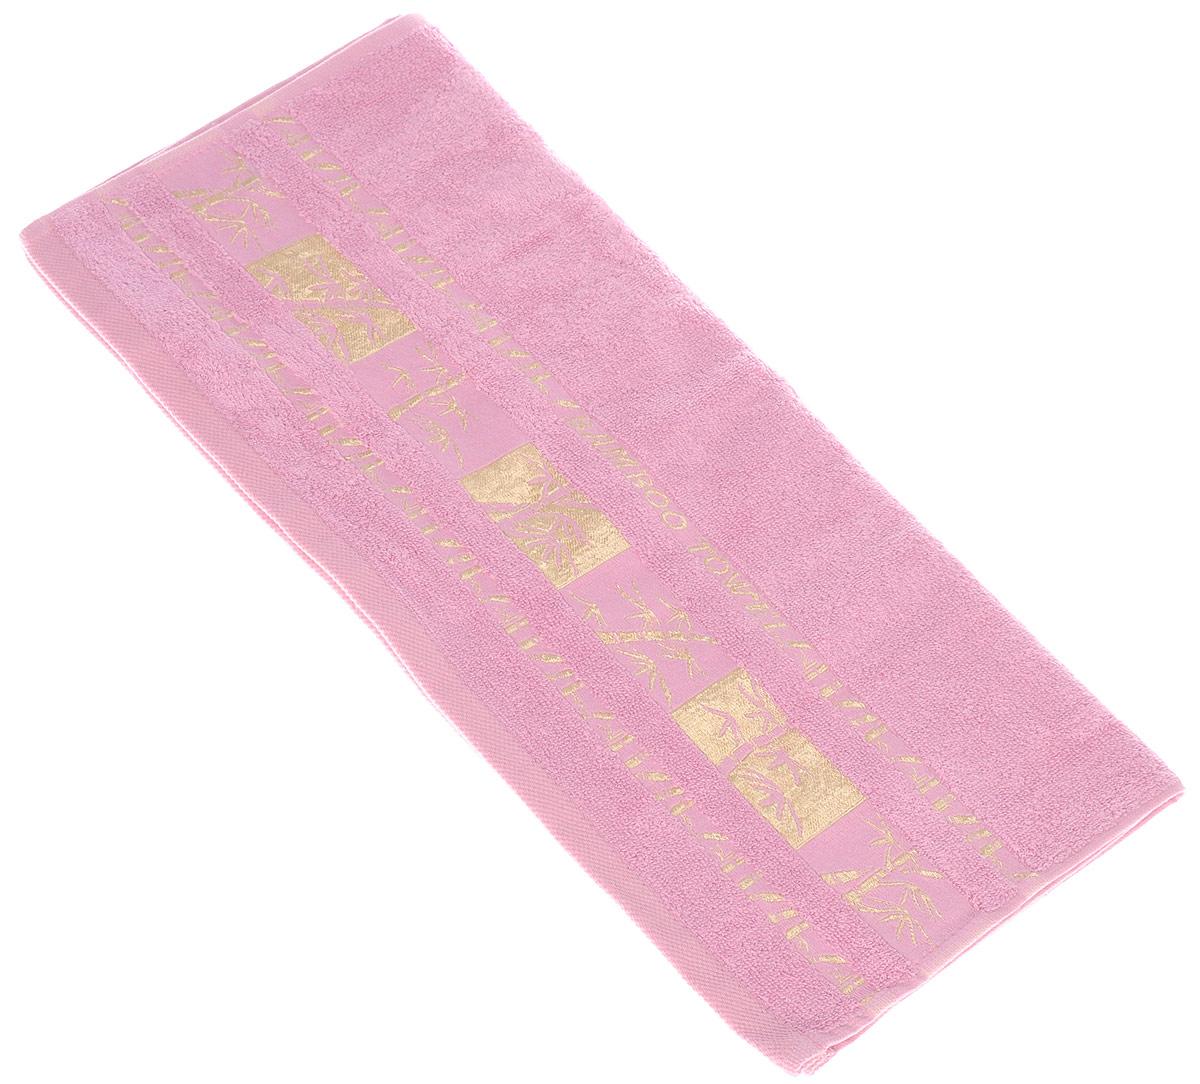 Полотенце Brielle Bamboo Gold, цвет: розовый, 50 х 90 см1212Полотенца ТАС Приятно удивляют и дают возможность почувствовать себя творцом окружающего декора. Махровая ткань – официальное название «фроте», народное – «махра». Фроте – это натуральная ткань, поверхность которой состоит из ворса (петель основных нитей). Ворс может быть как одинарным (односторонним), так и двойным (двусторонним).